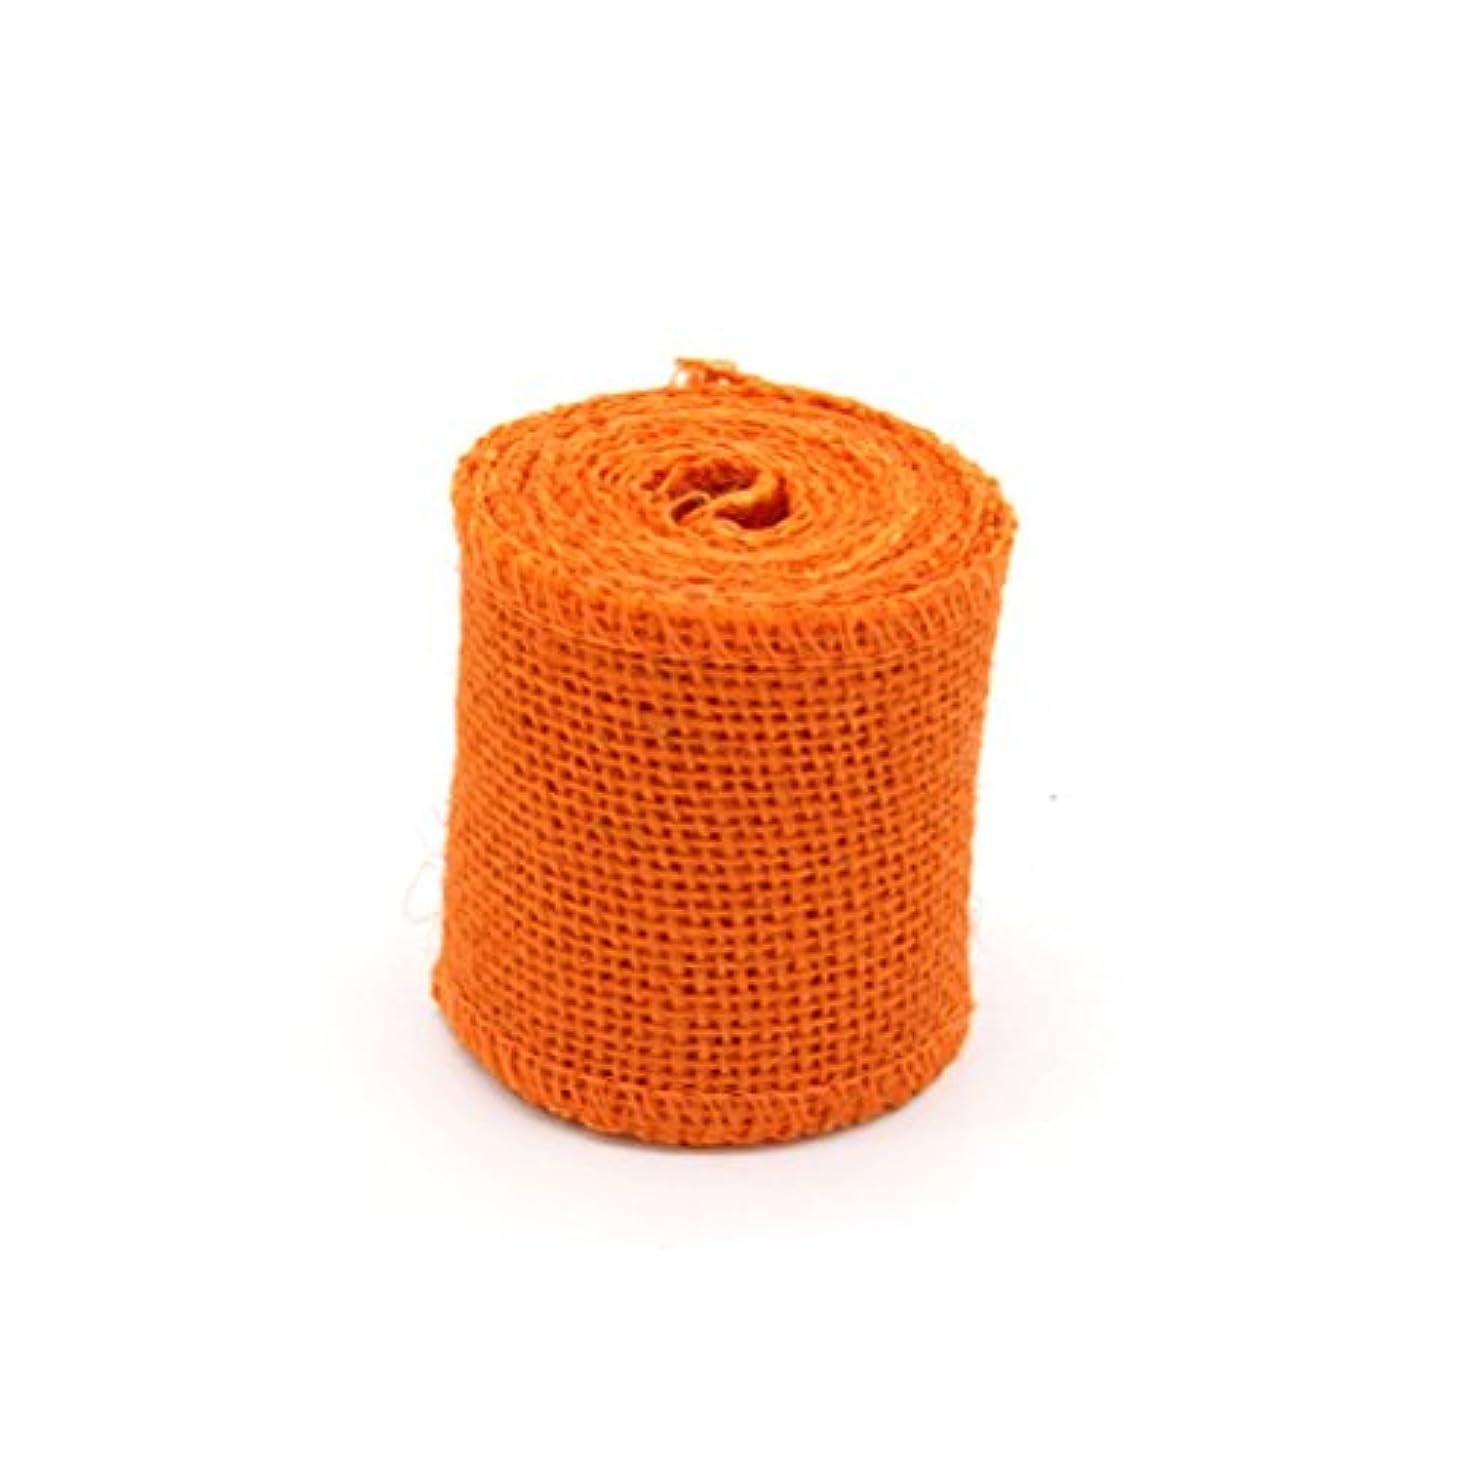 化学者滝出費Toyvian クリスマスデコレーション用2M Jute Burlapリボンロール(オレンジ)